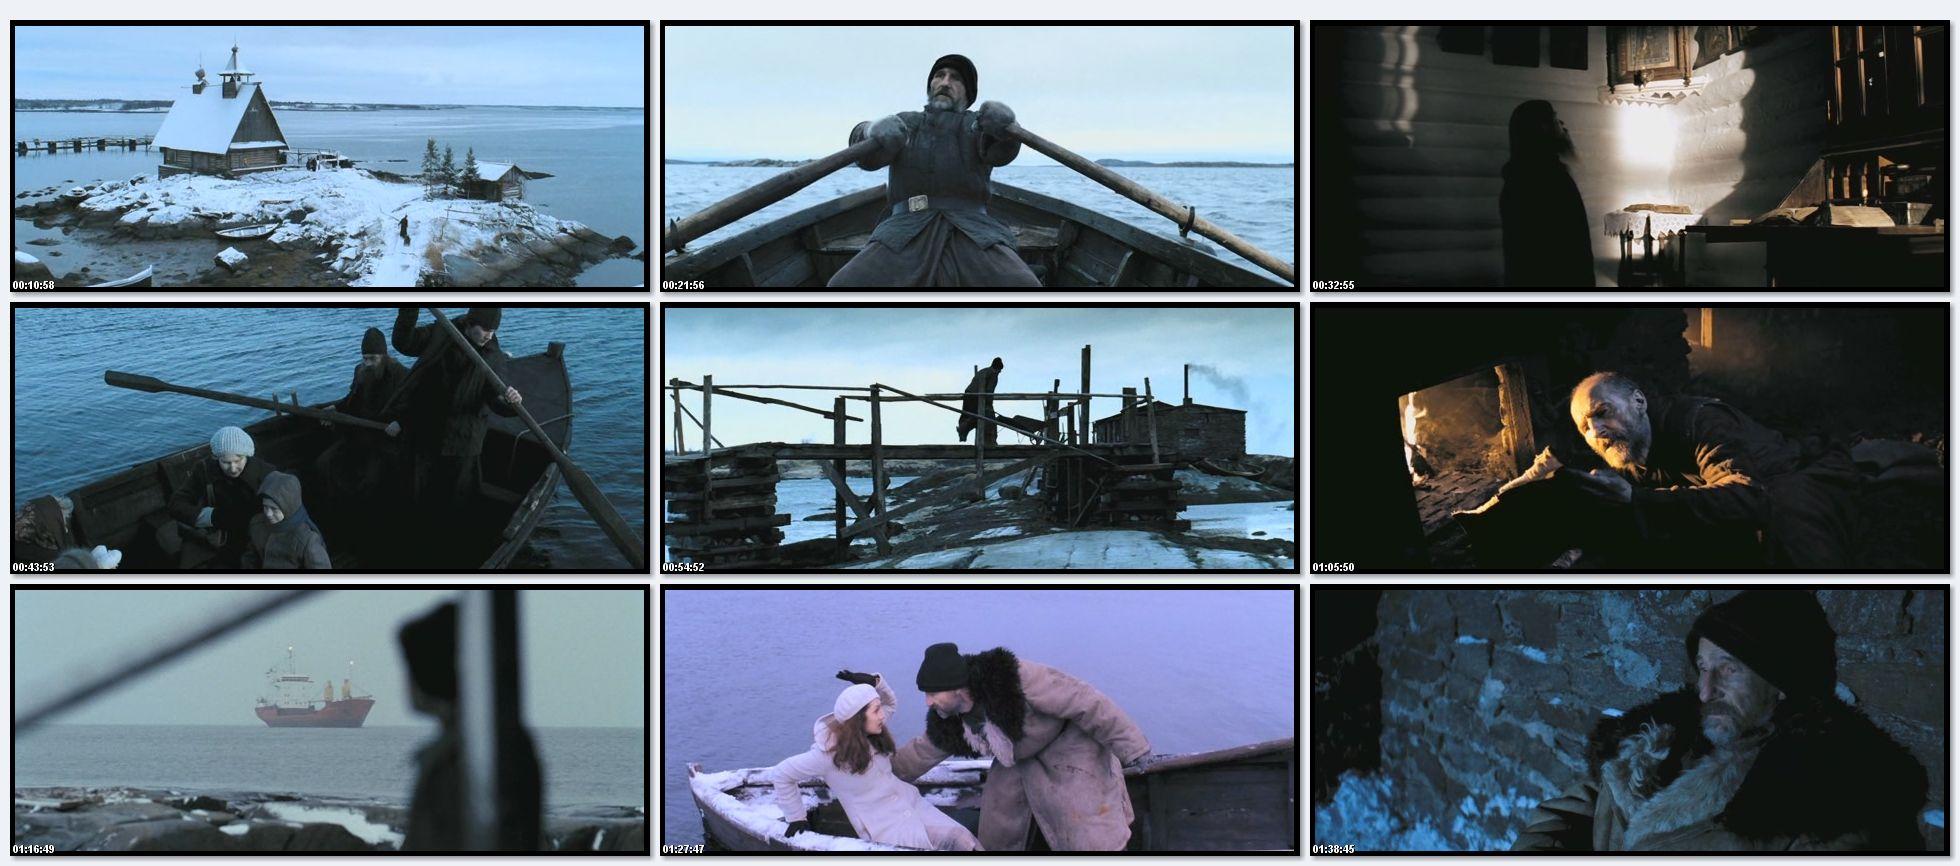 Остров. (Павел Лунгин, 2006)